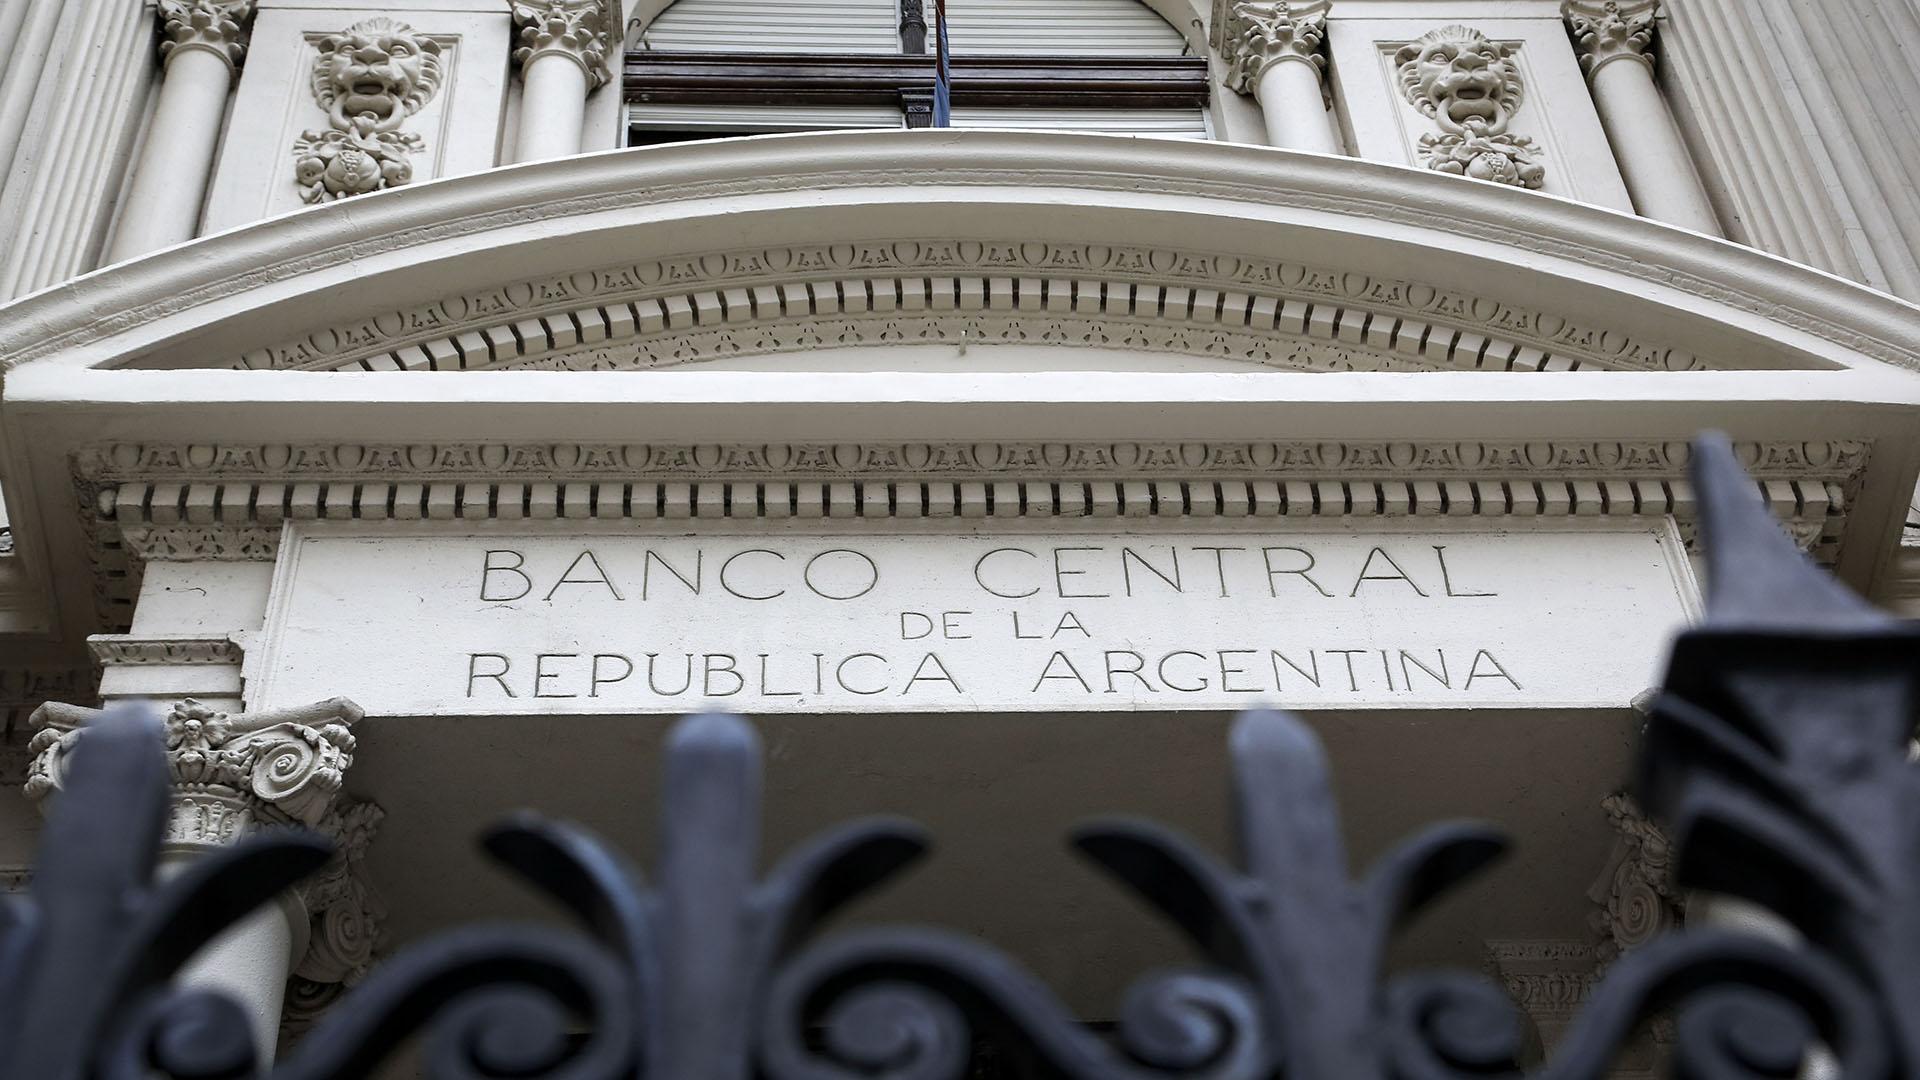 Las autoridades del Banco Central monitorean la evolución del dólar y la inflación. (NA)